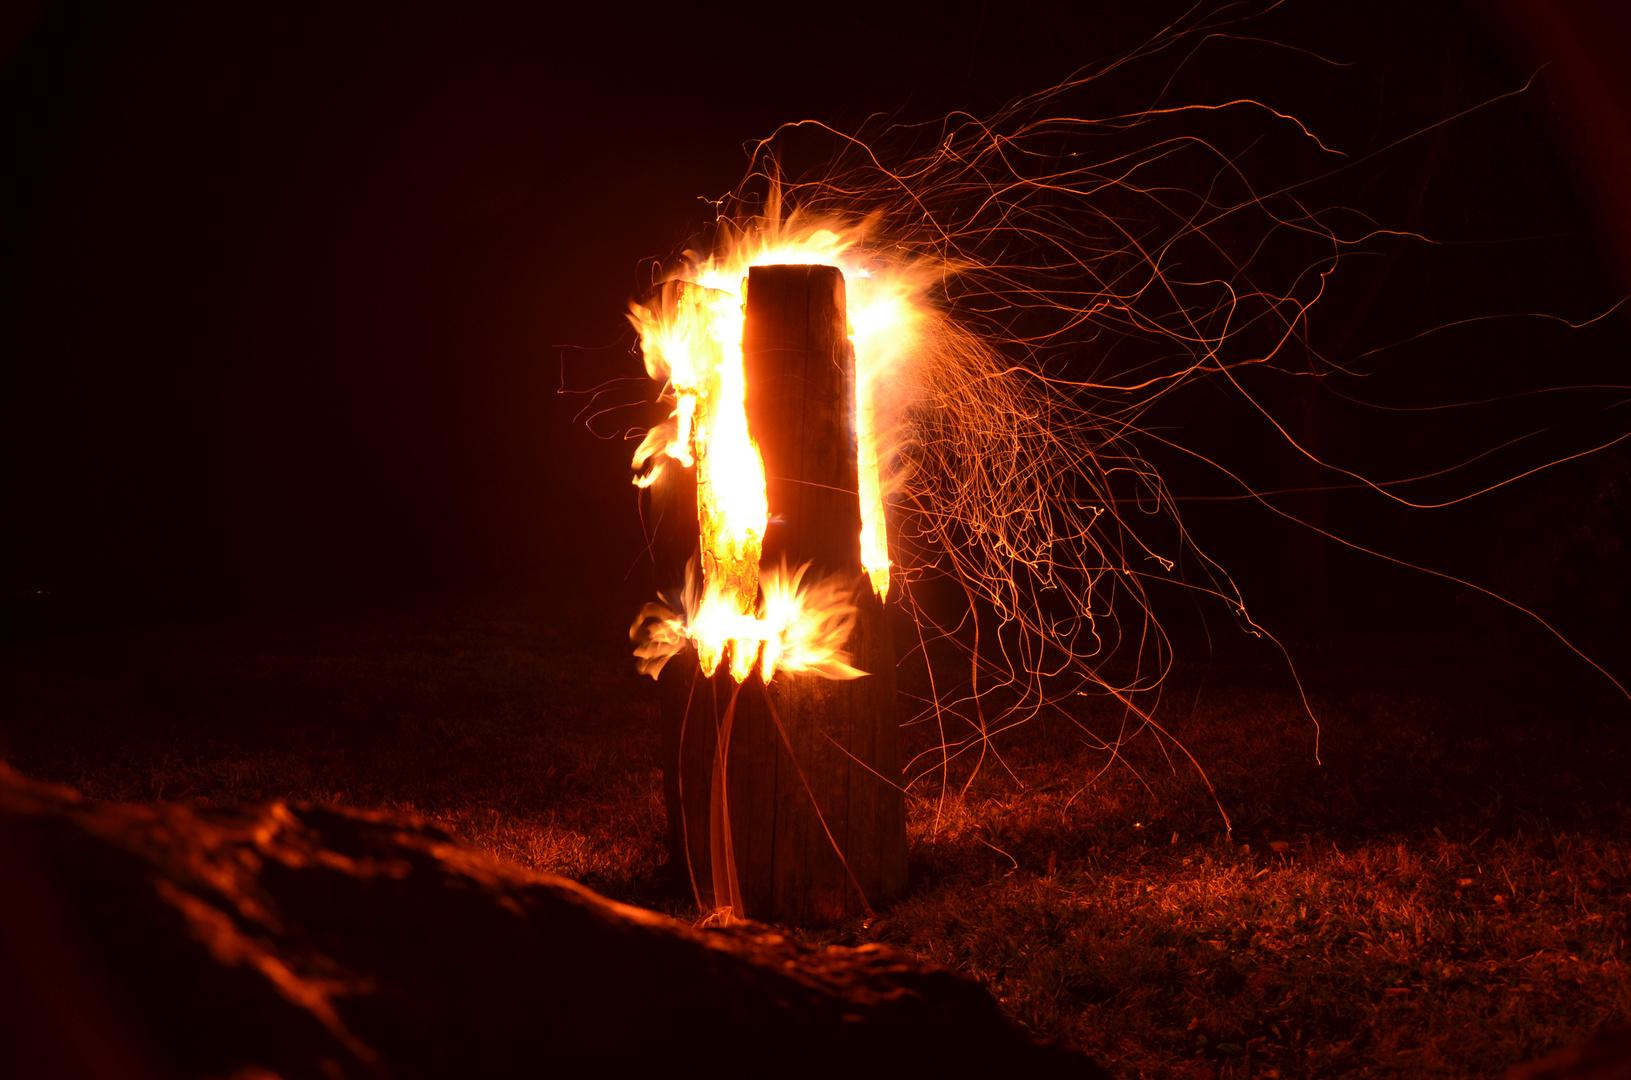 brennender Baumstamm